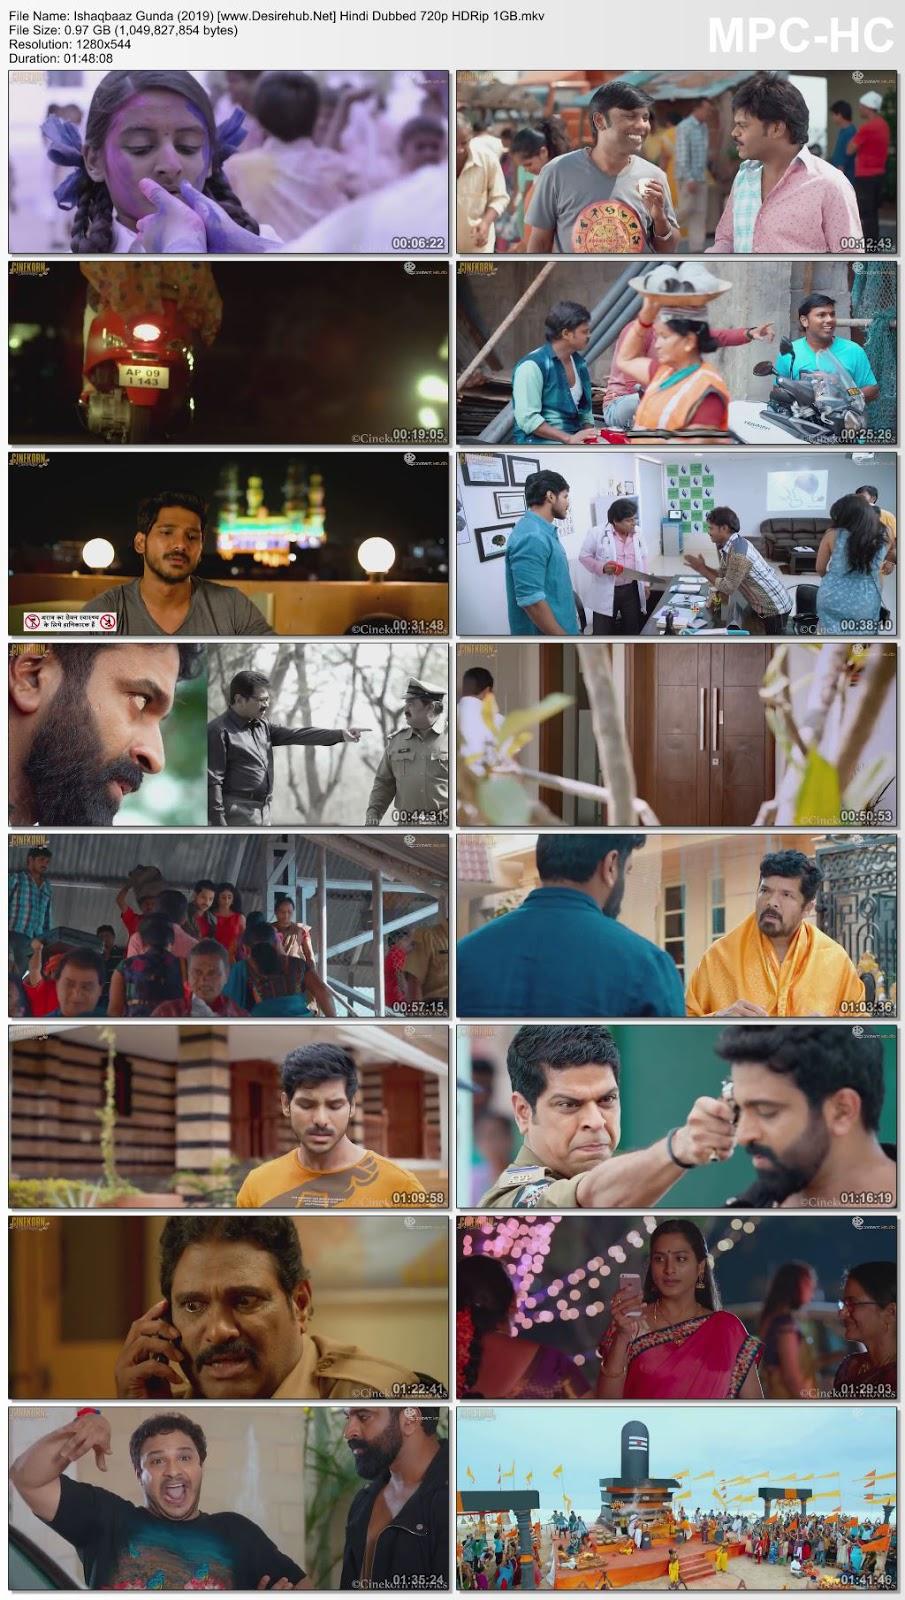 Ishaqbaaz Gunda (2019) Hindi Dubbed 480p HDRip 350MB Desirehub